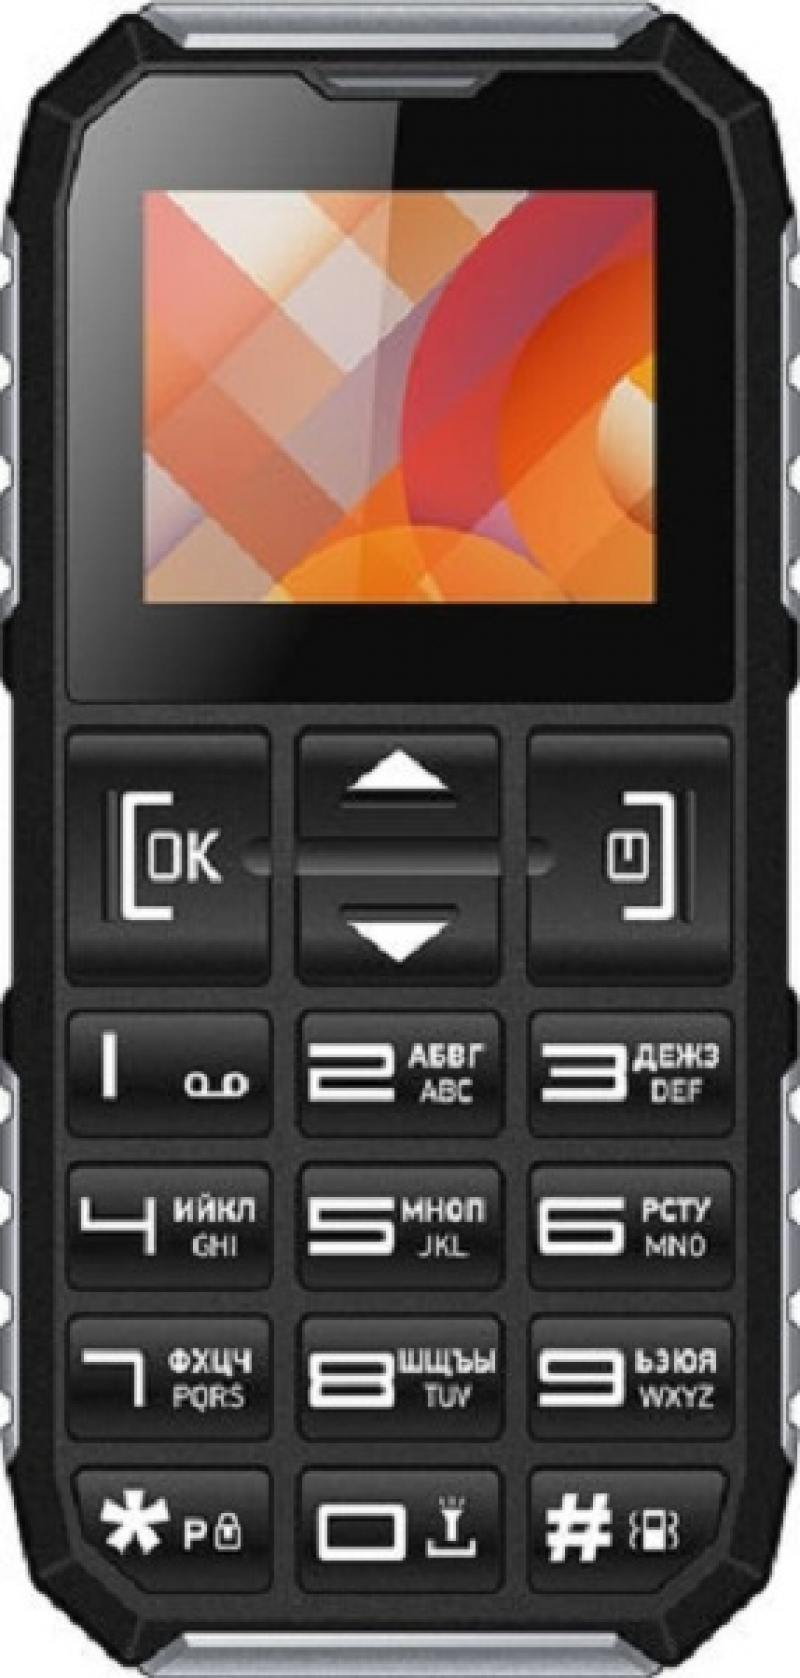 Мобильный телефон Vertex C307 черный серебристый 1.77 vertex vertex impress lion 4g